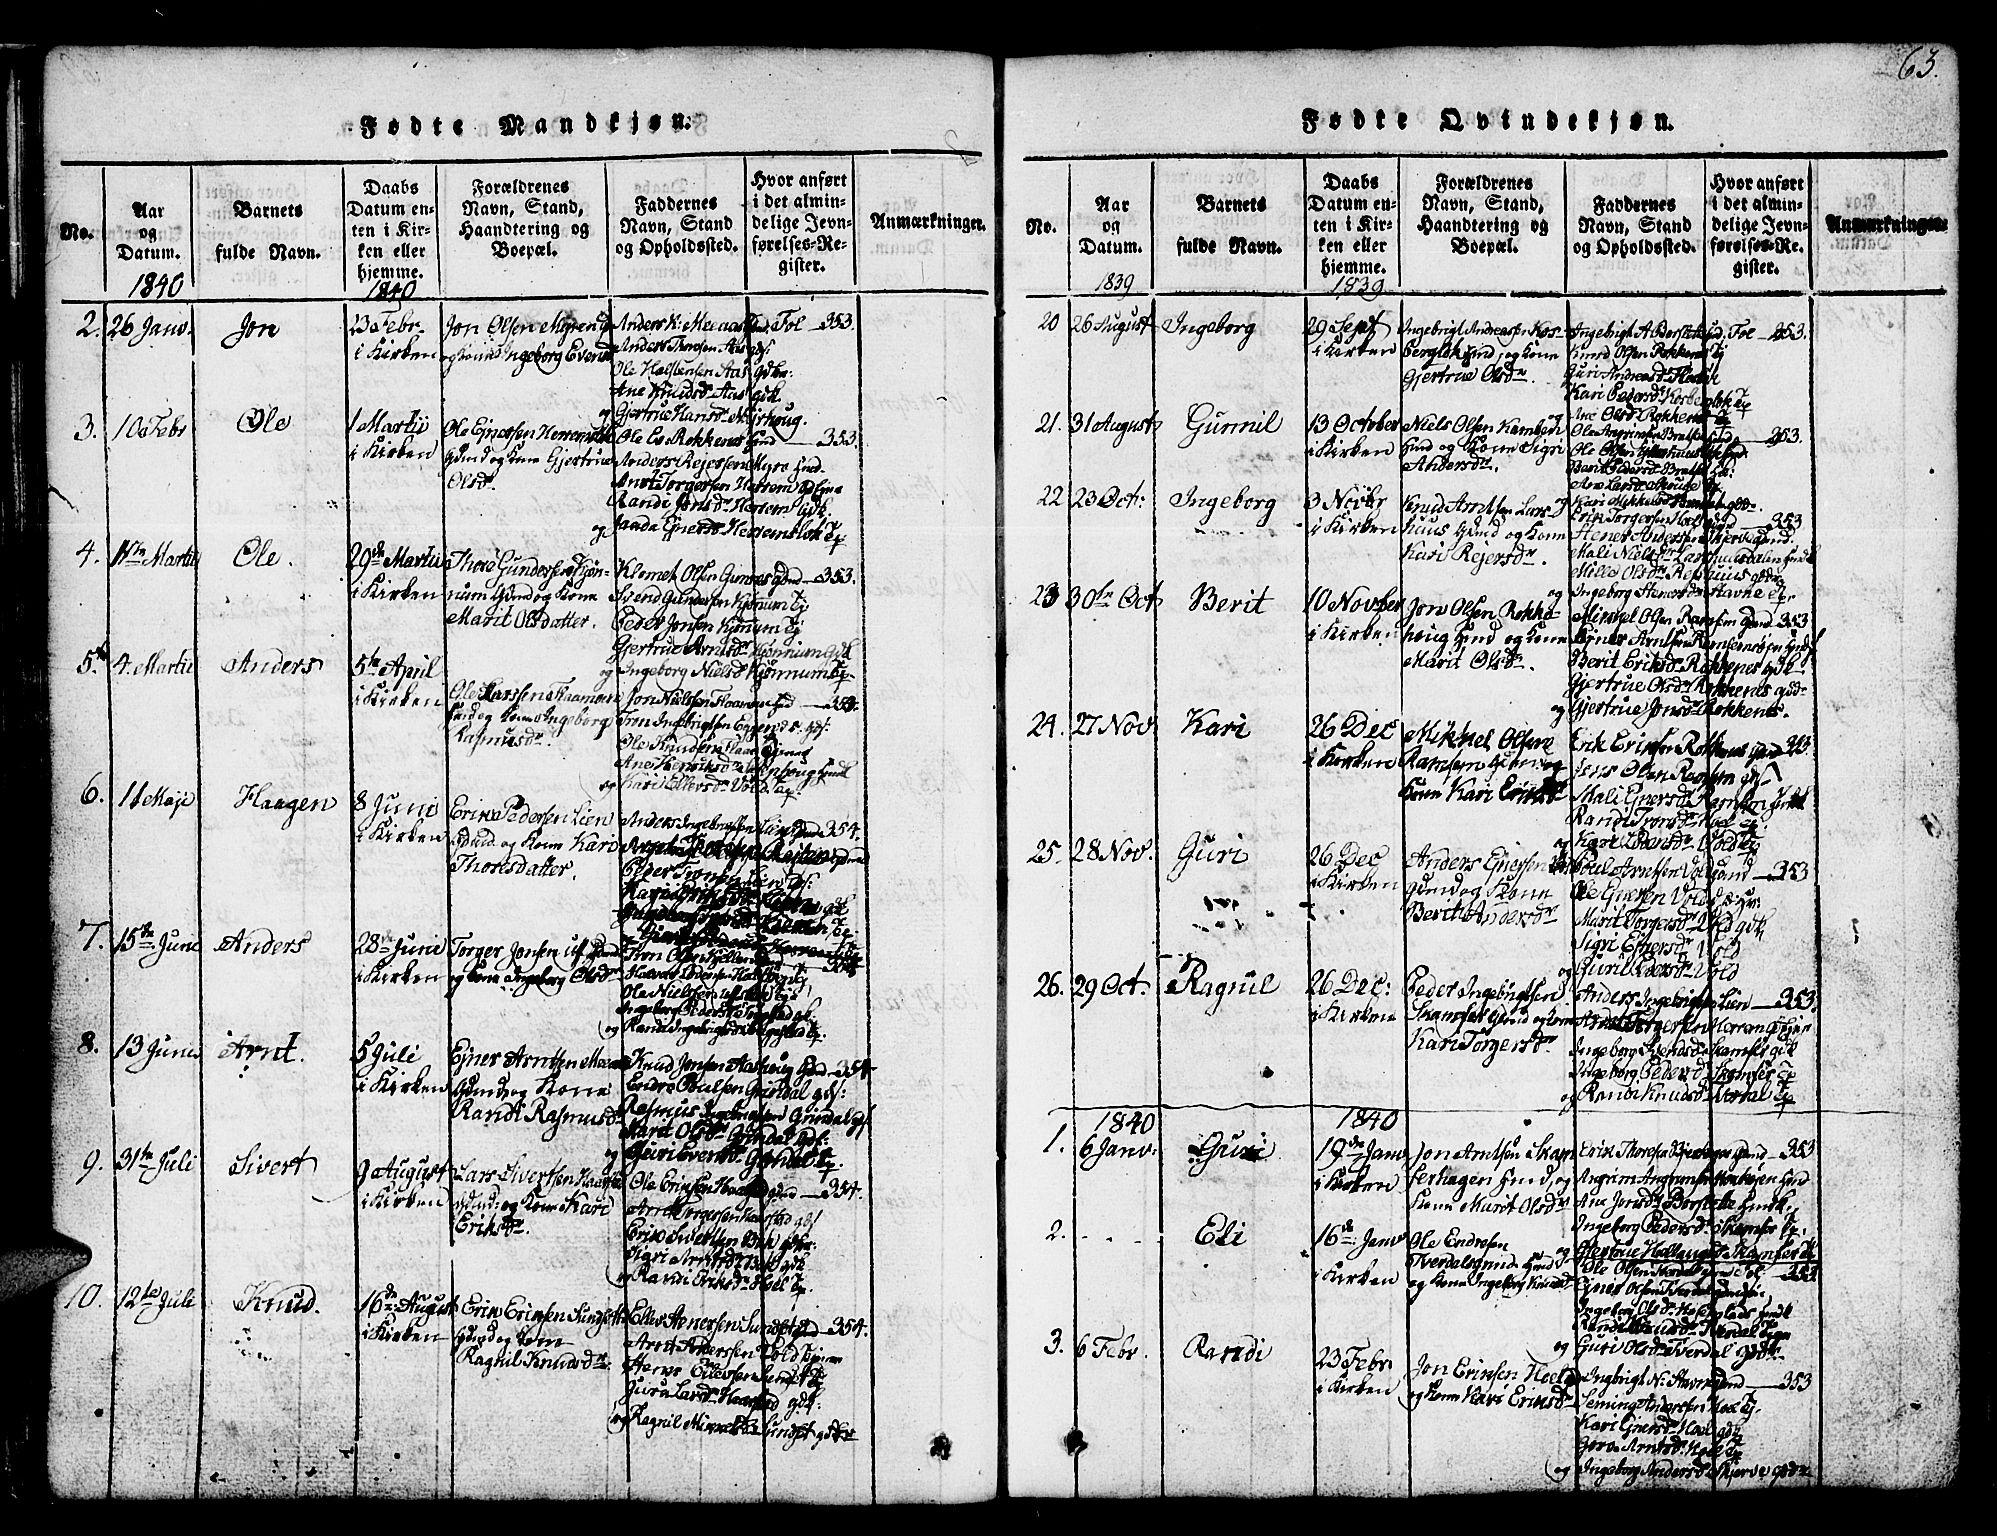 SAT, Ministerialprotokoller, klokkerbøker og fødselsregistre - Sør-Trøndelag, 674/L0874: Klokkerbok nr. 674C01, 1816-1860, s. 63